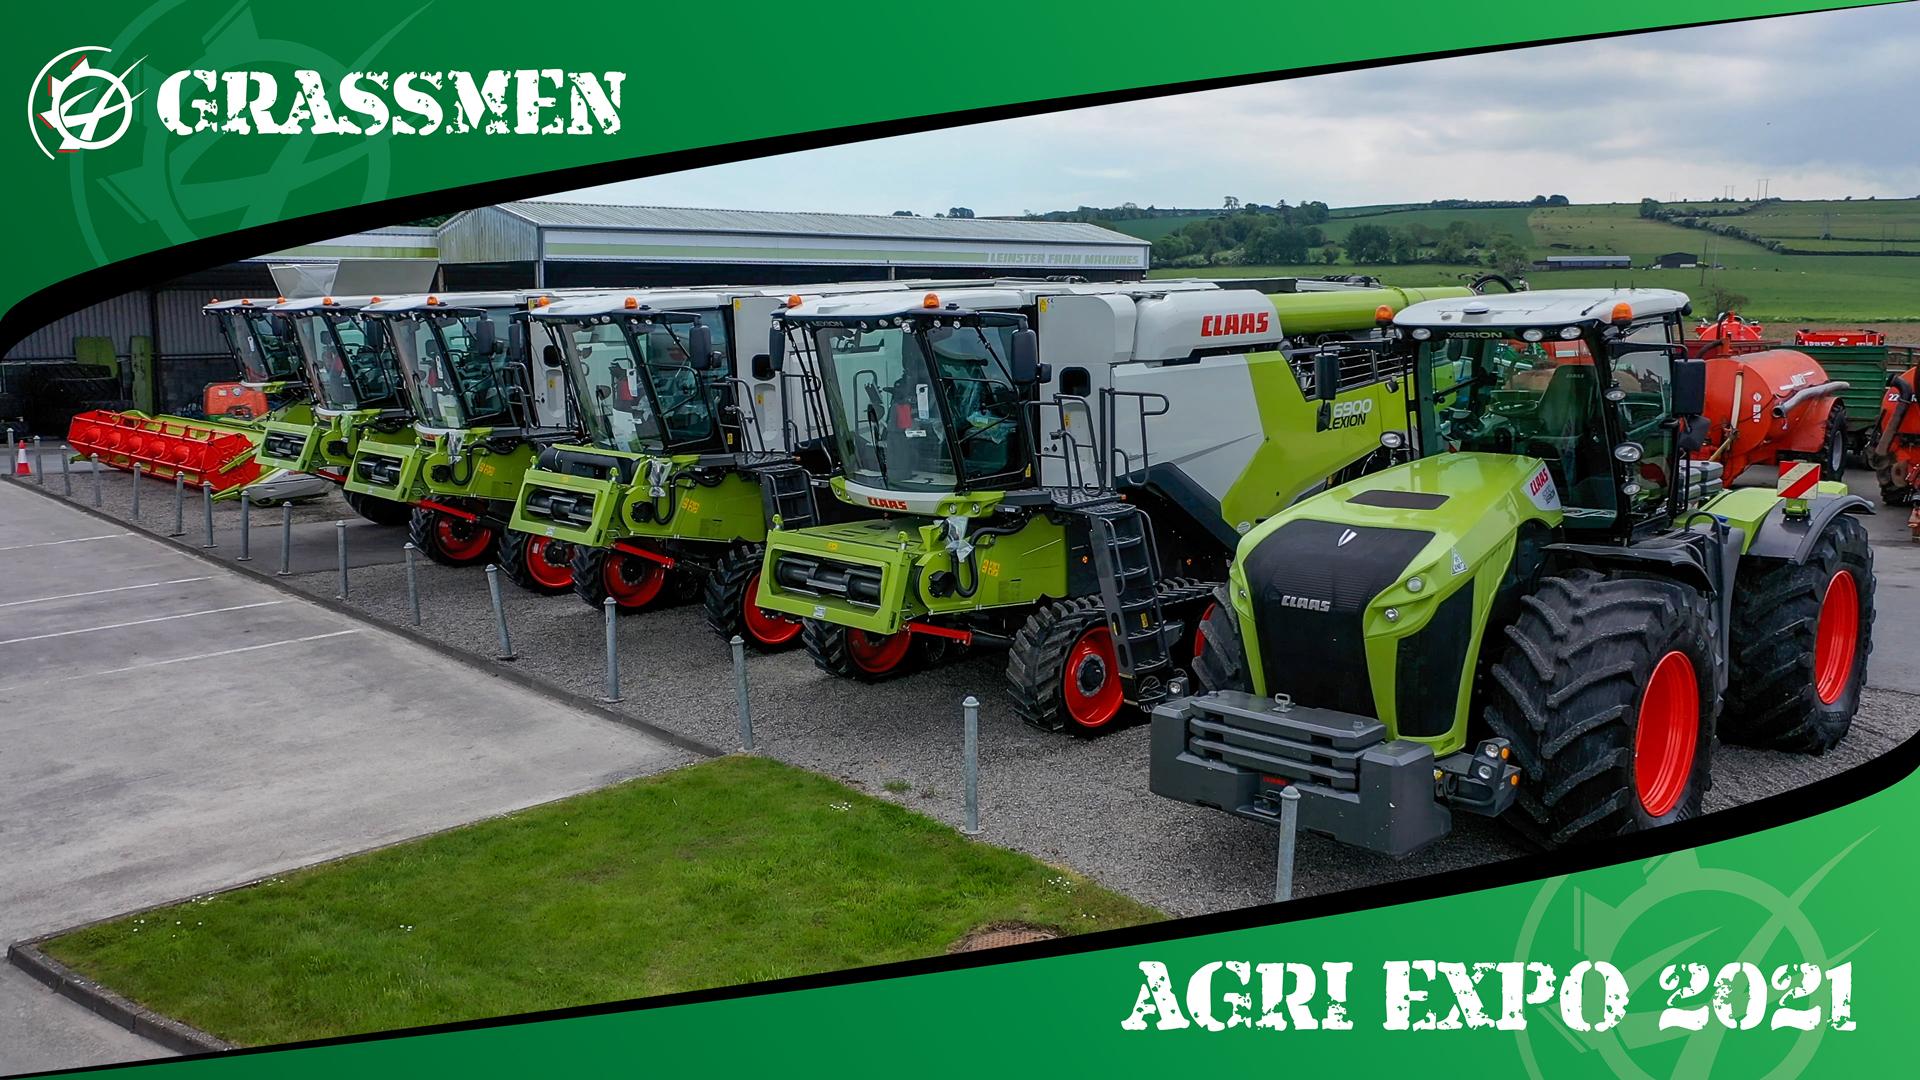 LEINSTER FARM MACHINES - GRASSMEN AGRI EXPO DAY 2